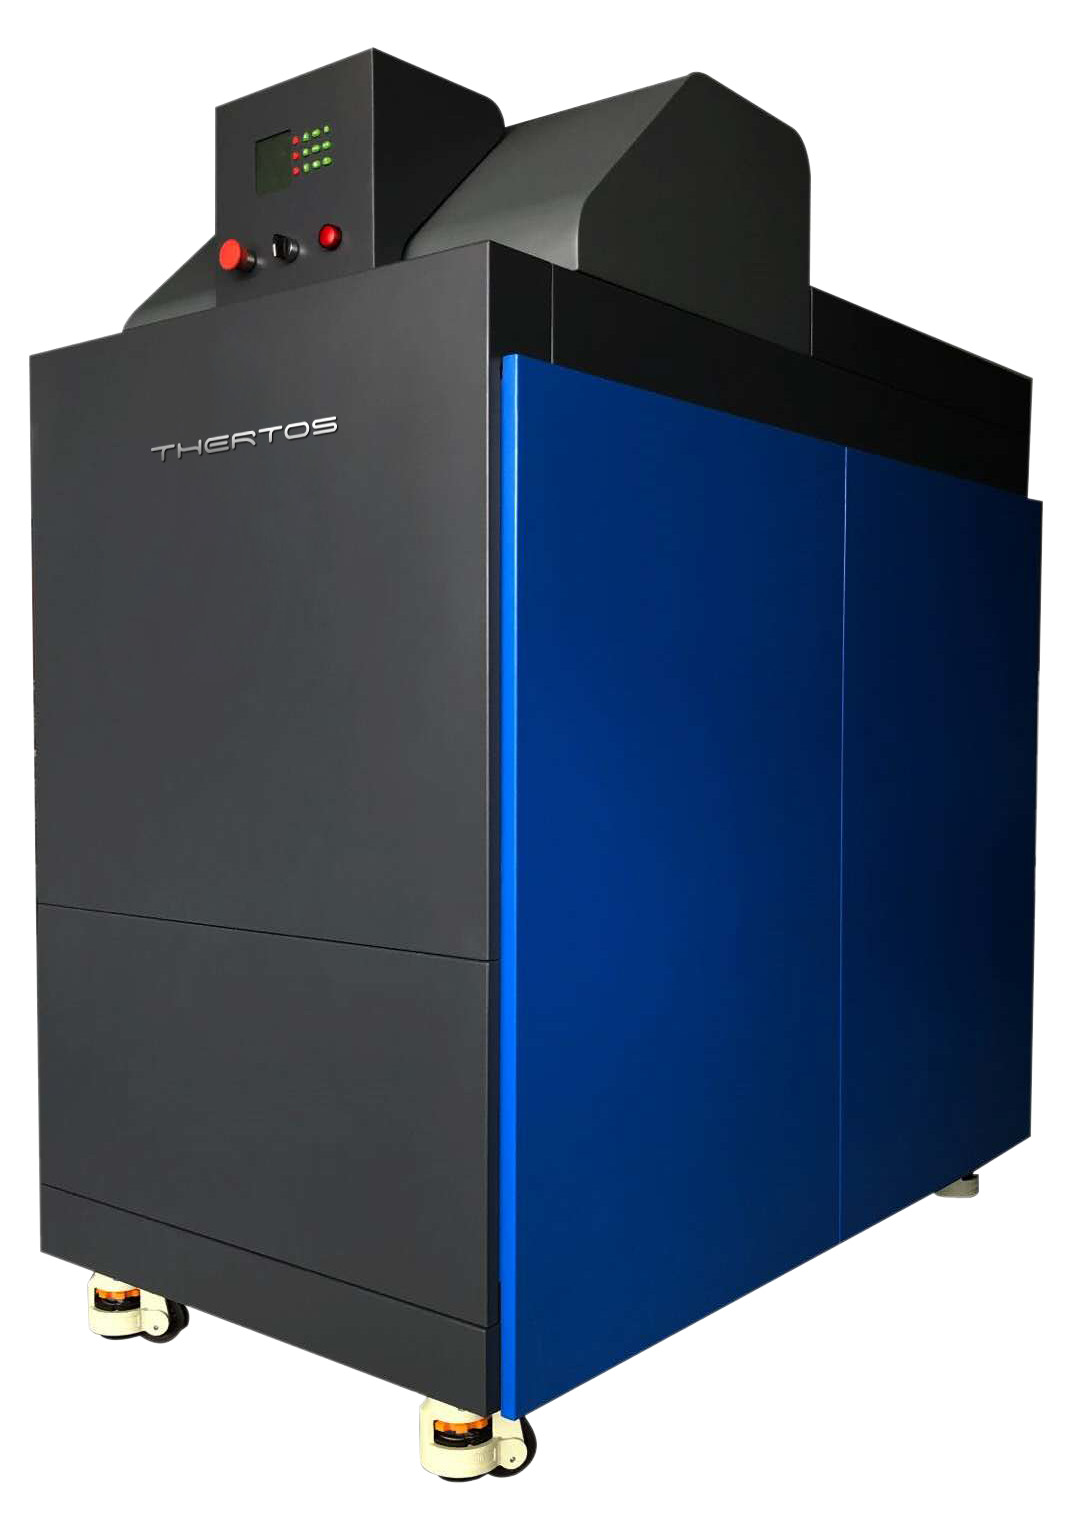 黑龙江全预混硅铸铝冷凝模块炉-辽宁知名的全预混硅铸铝冷凝模块炉供应商是哪家